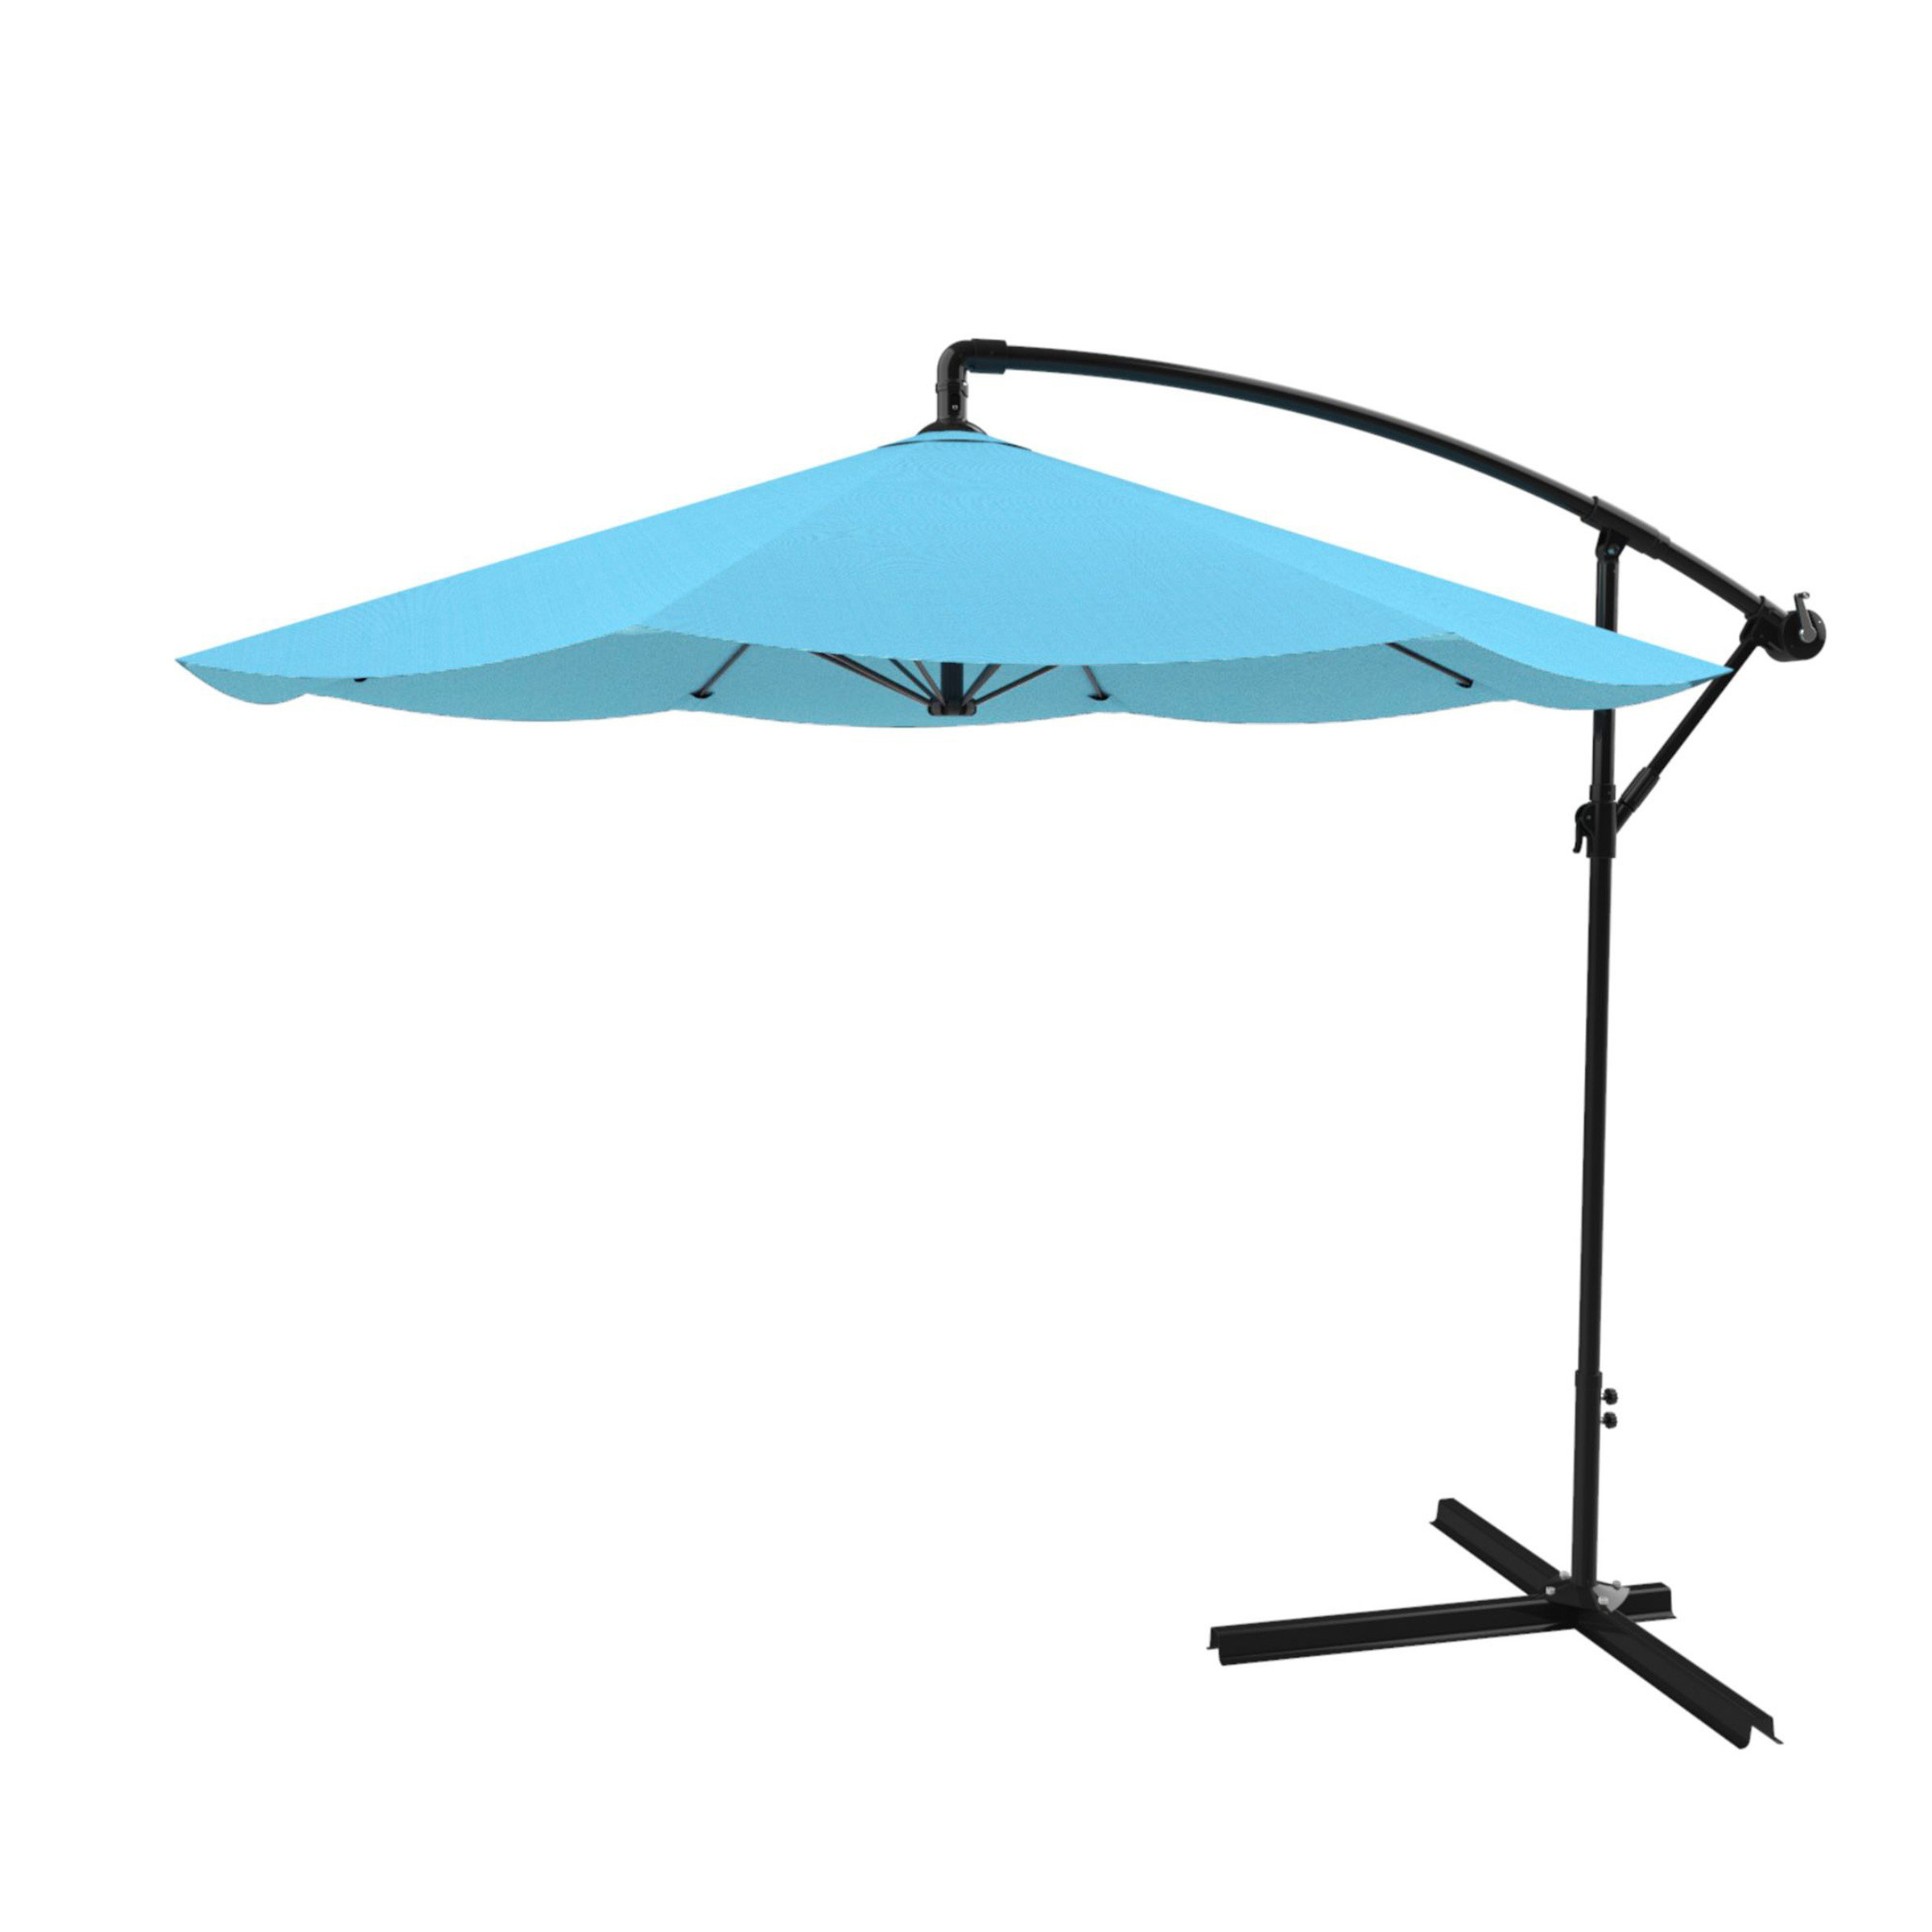 Vassalboro Cantilever Umbrellas Throughout Popular Vassalboro 10' Cantilever Umbrella (View 18 of 20)